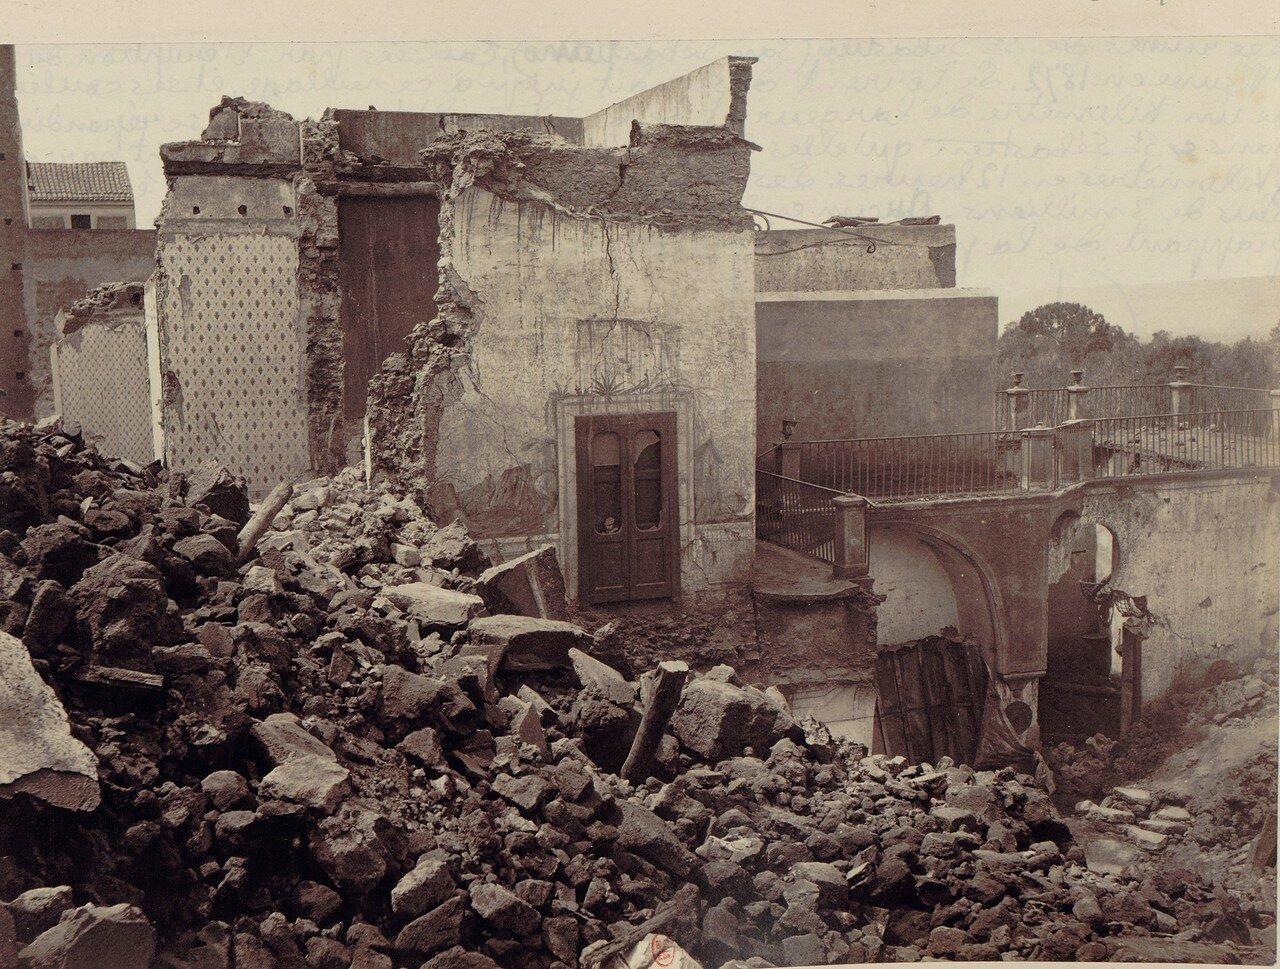 88. Окрестности Неаполя. Сан-Себастьяно, разрушенный извержением 1872 года. Поток лавы был 1 километр в ширину и 6 метров в толщину